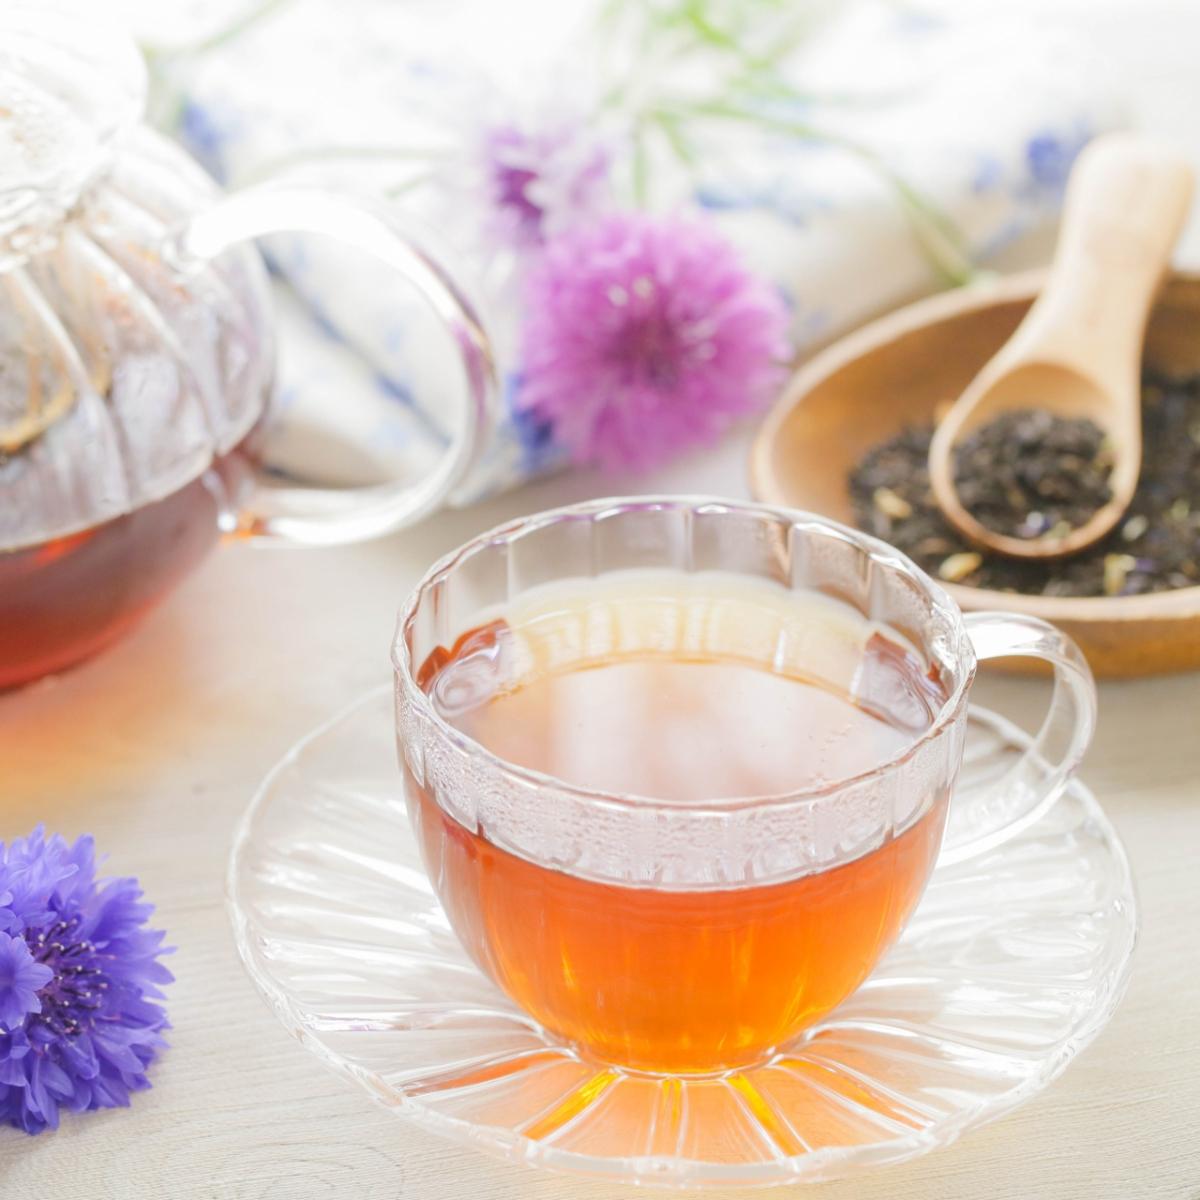 ハーブセラピストが教えるおいしいハーブティーの入れ方&おしゃれな茶器